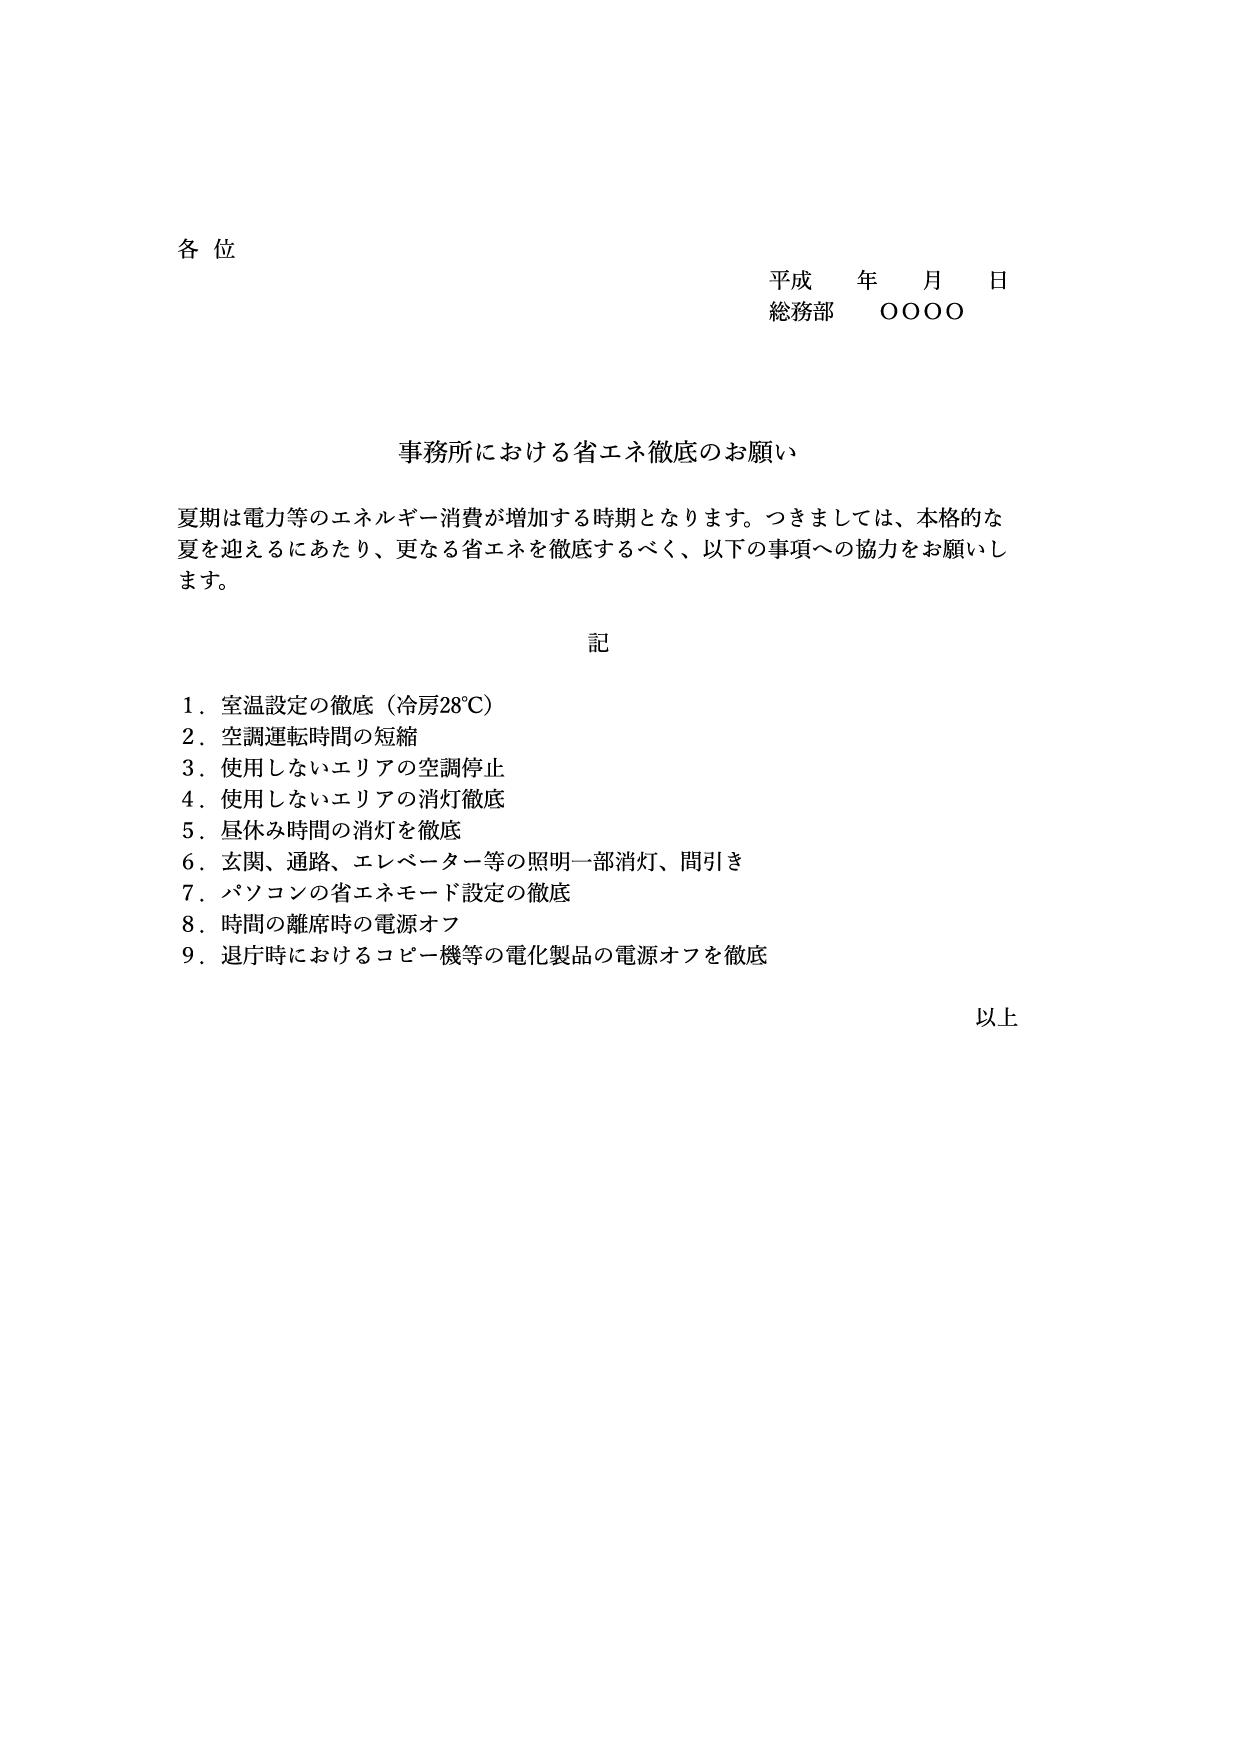 通知書テンプレート総務連絡(ワード・ページズ)